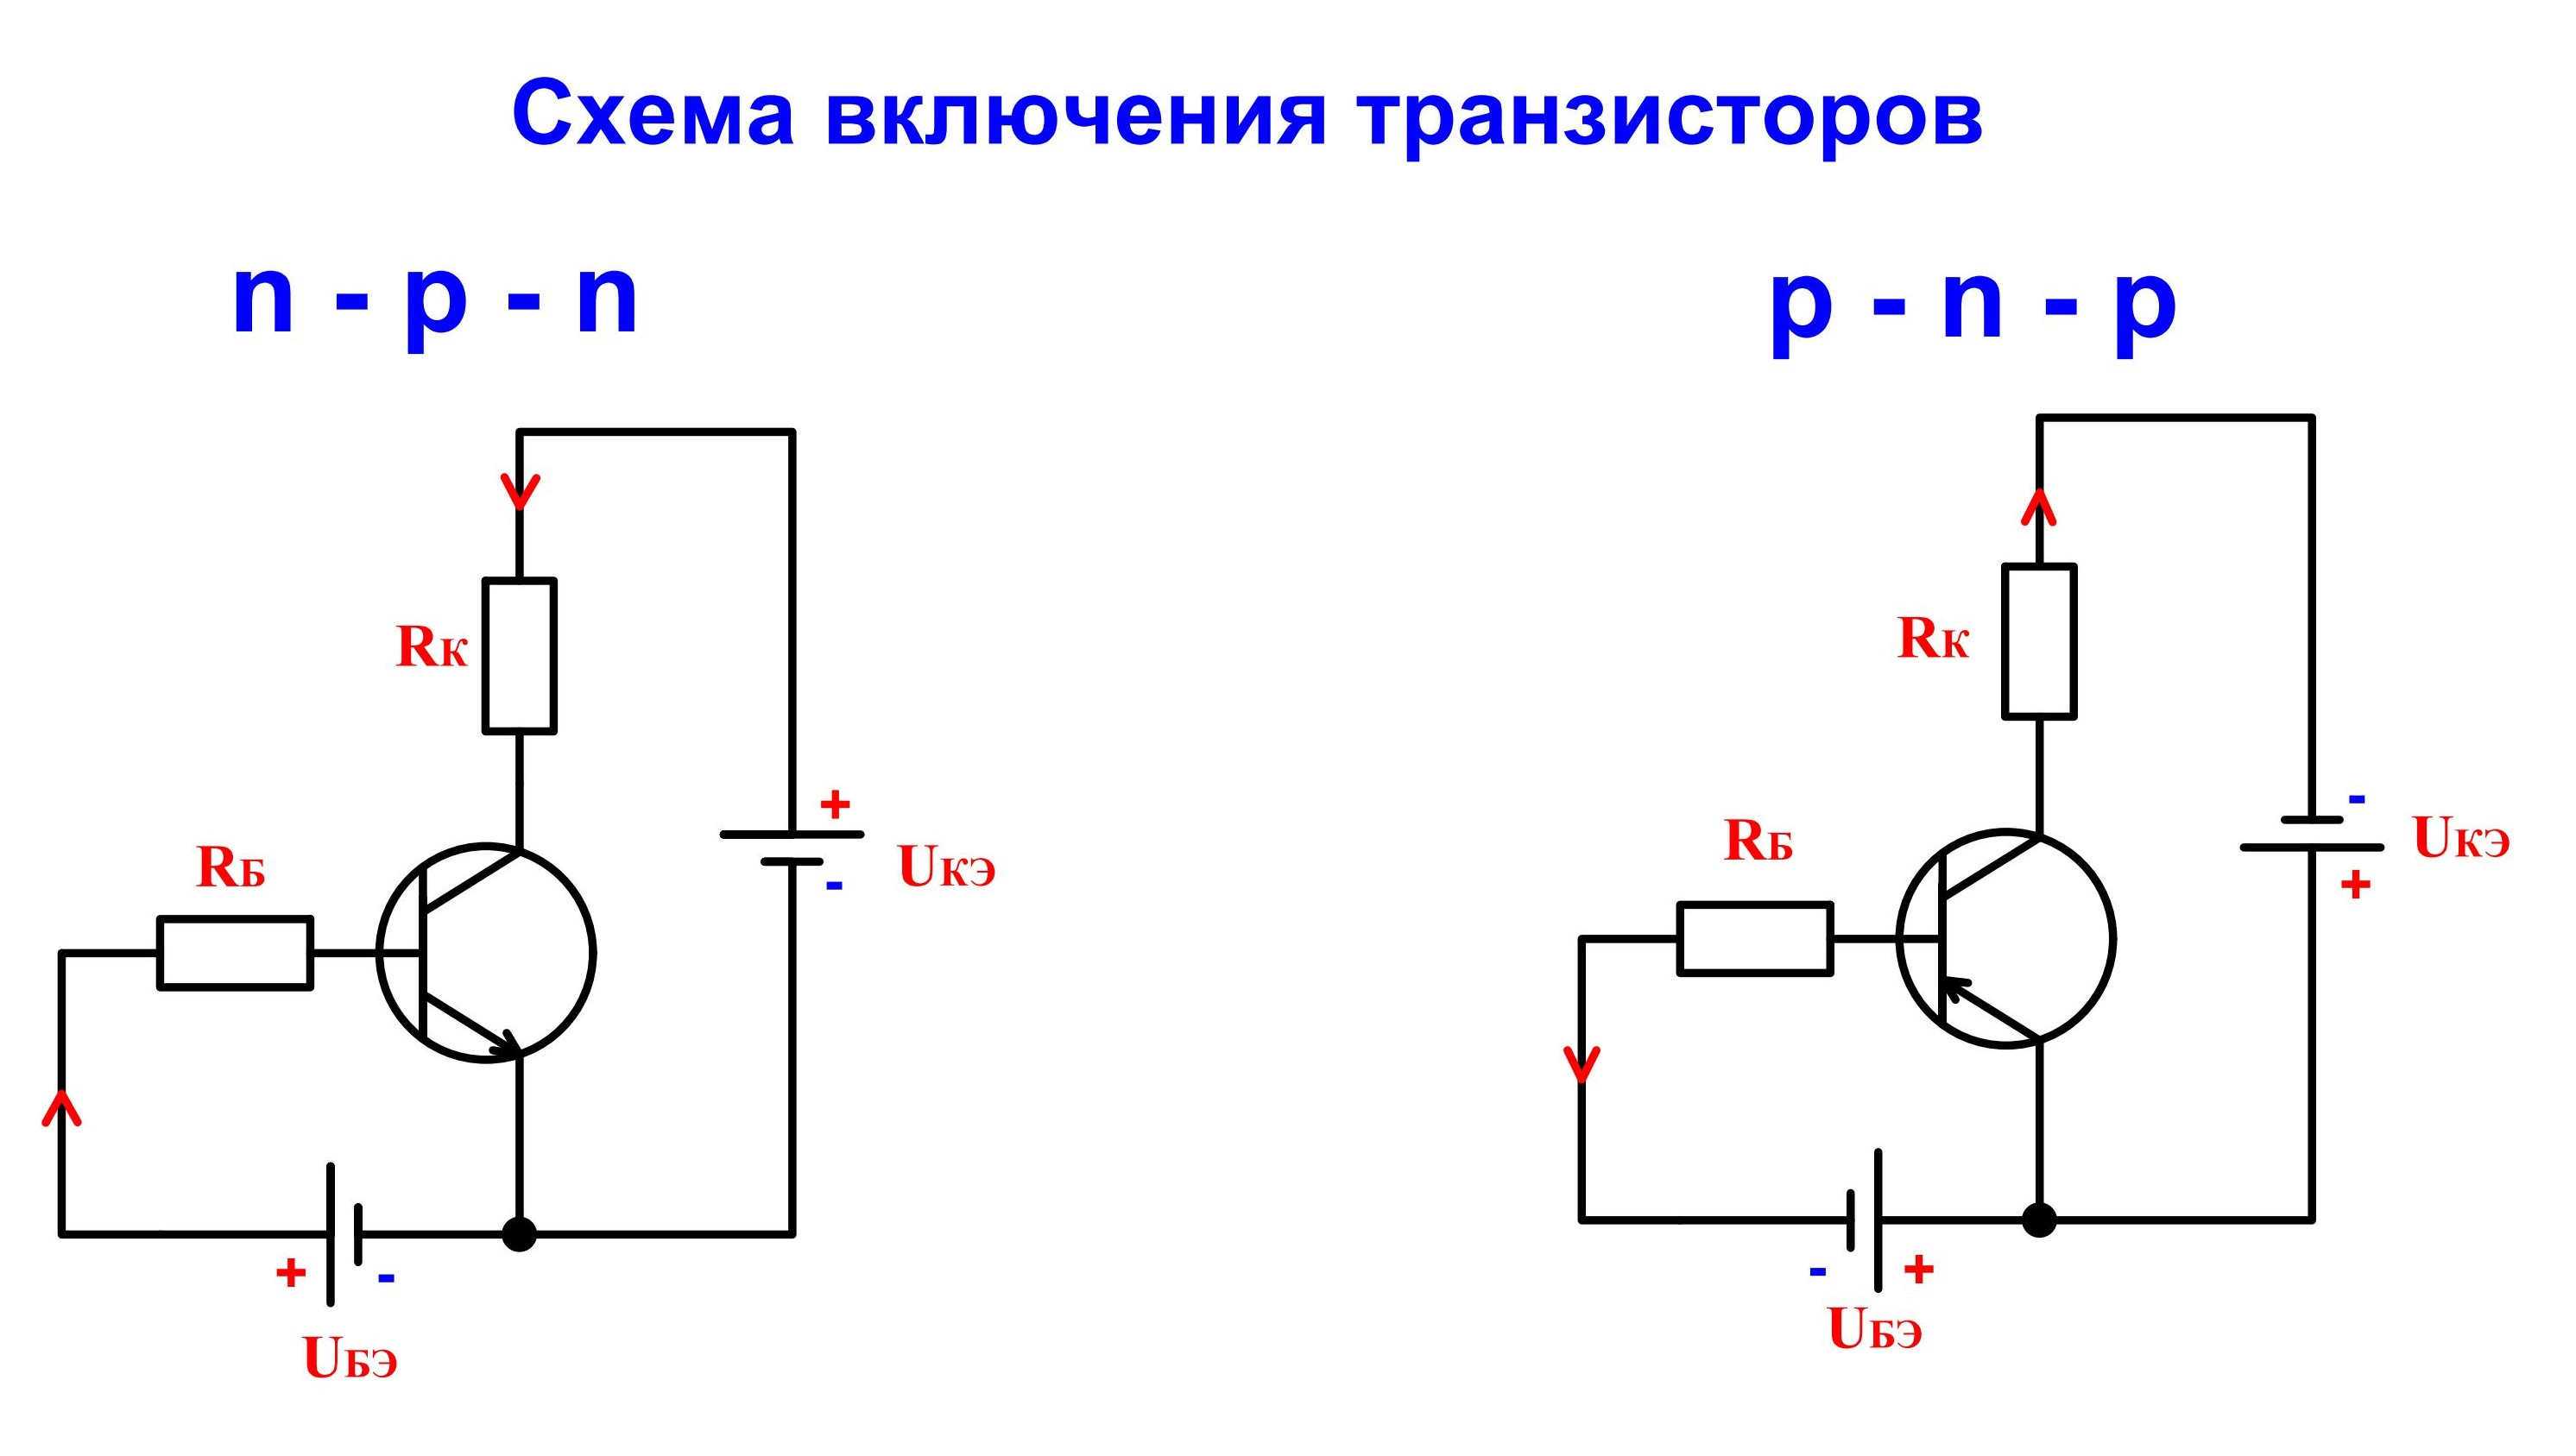 Схема транзистора в режиме усиления